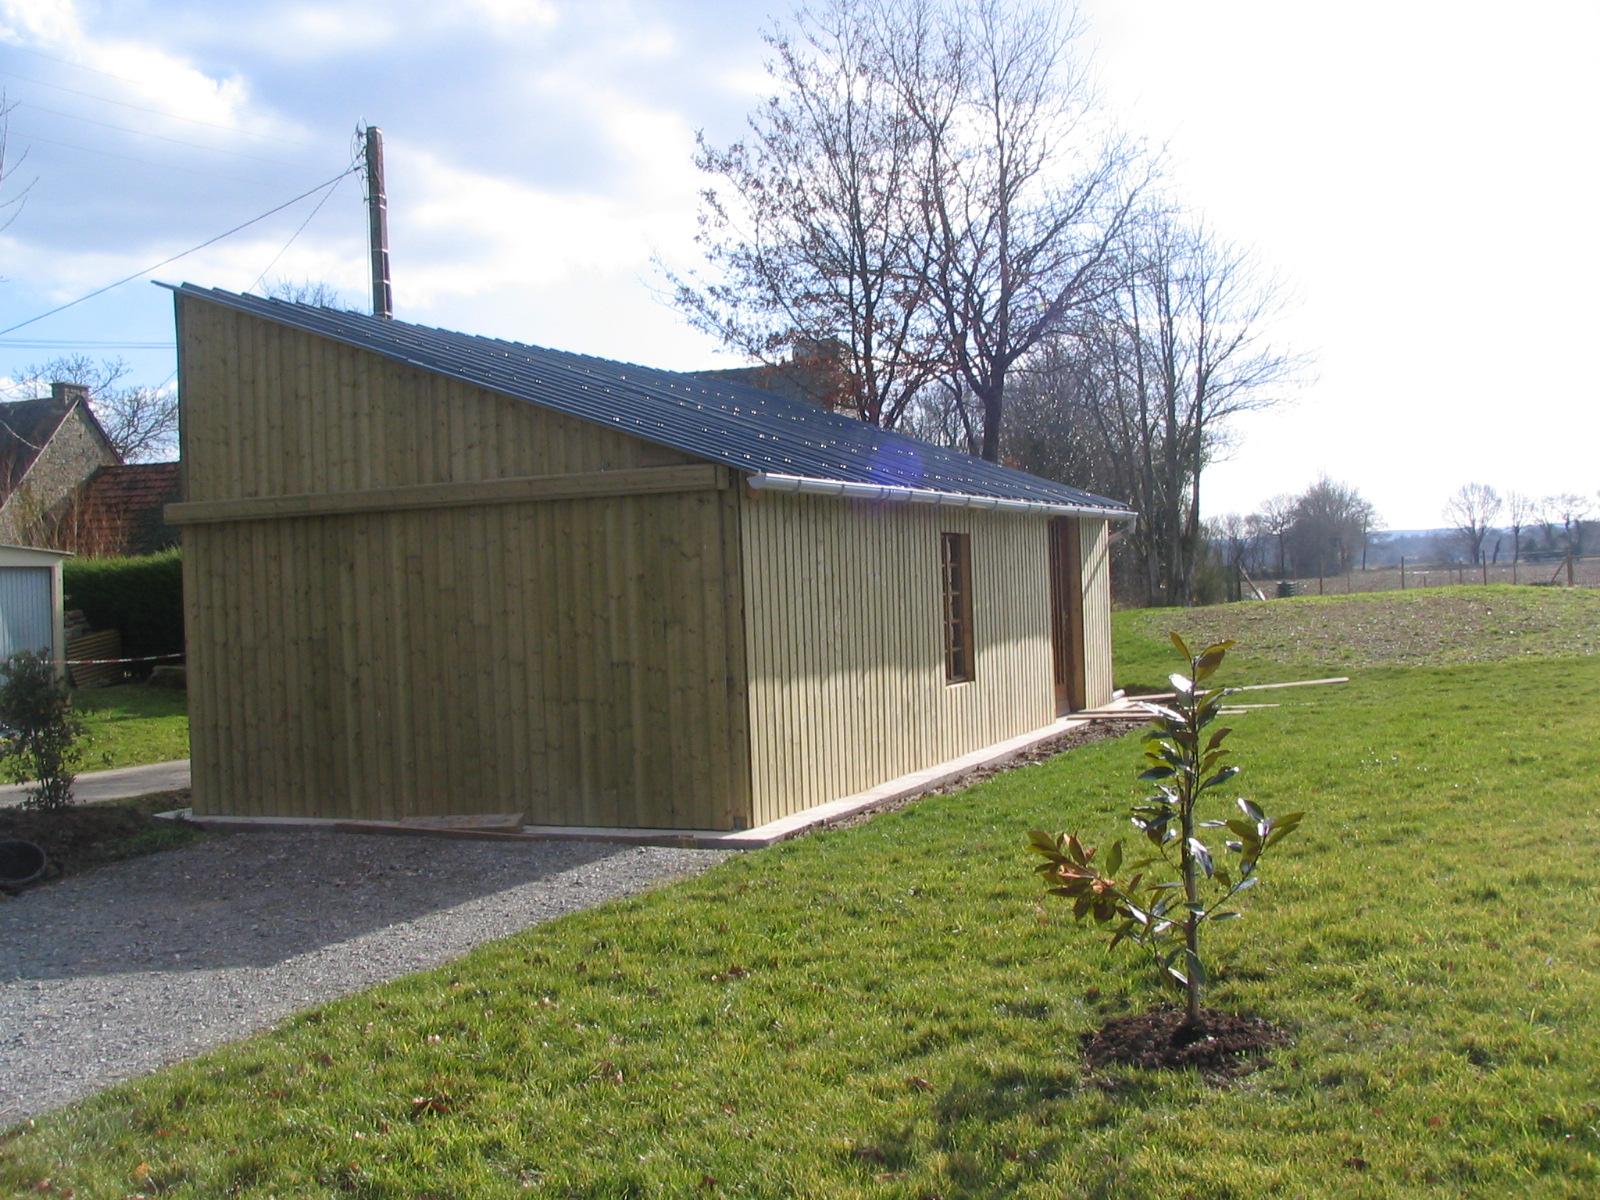 Bien connu Comment construire petit hangar bois ? La réponse est sur Admicile.fr OT87